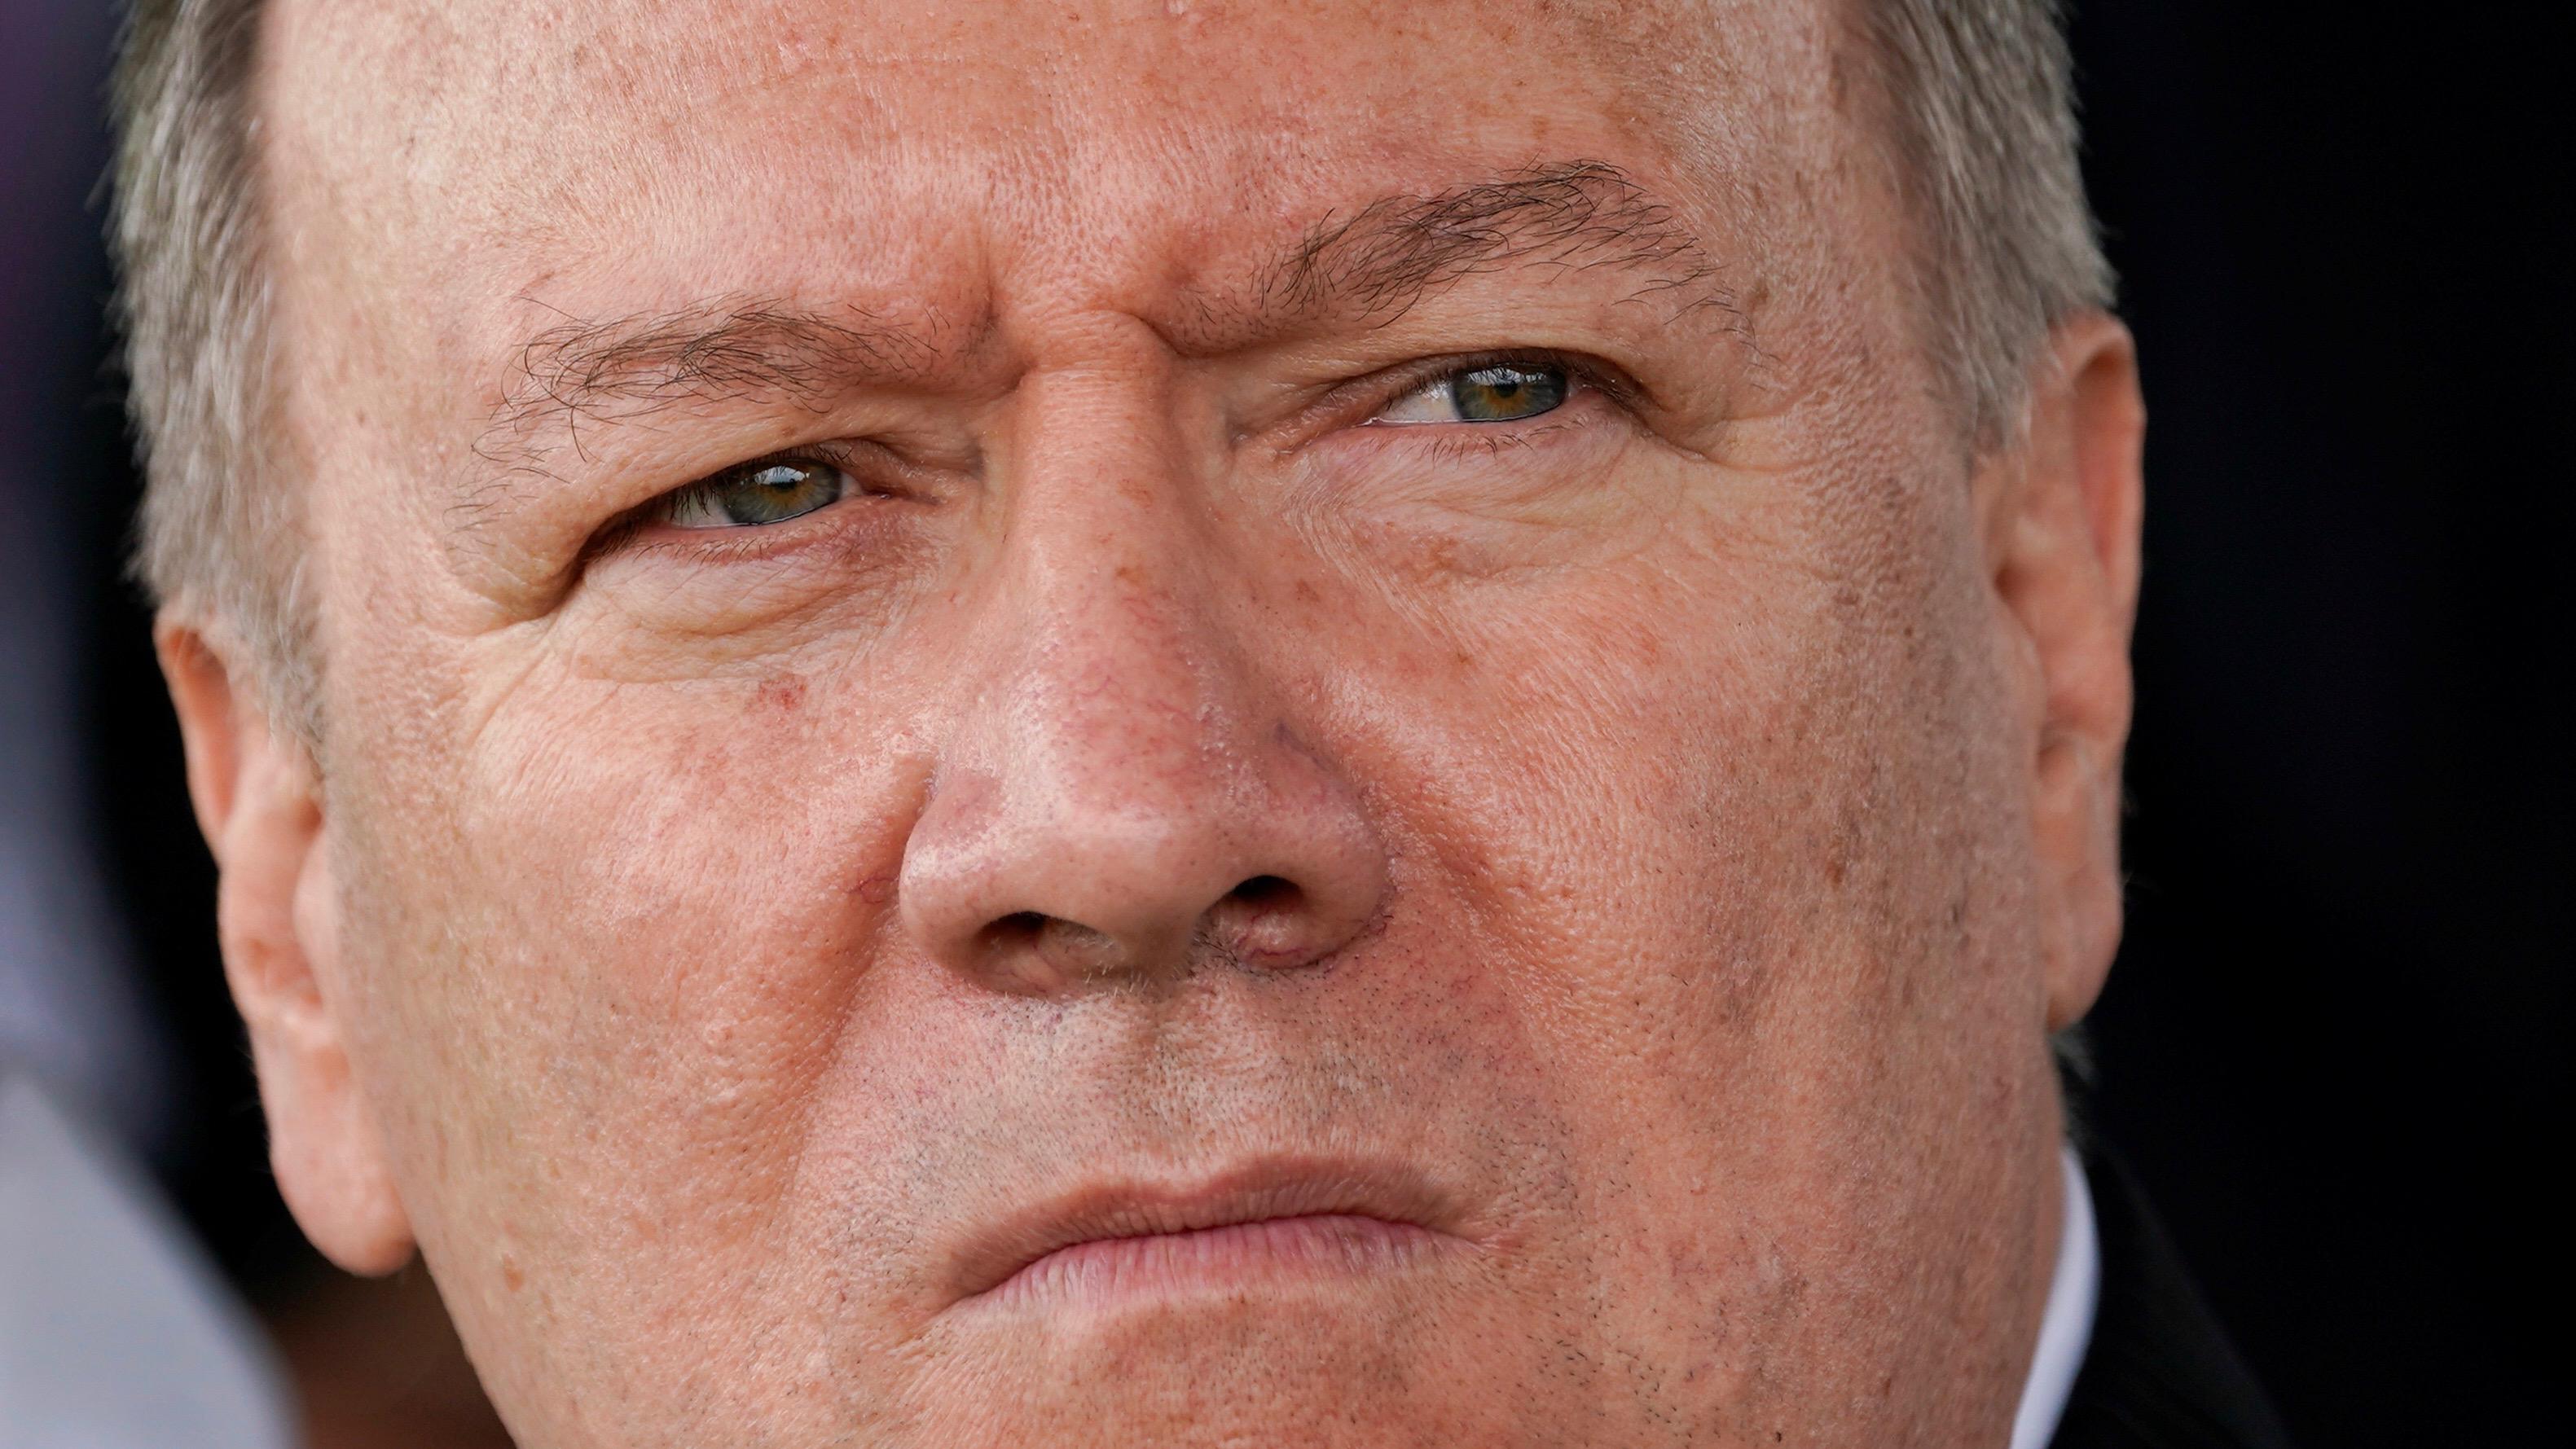 Pompeo close up.